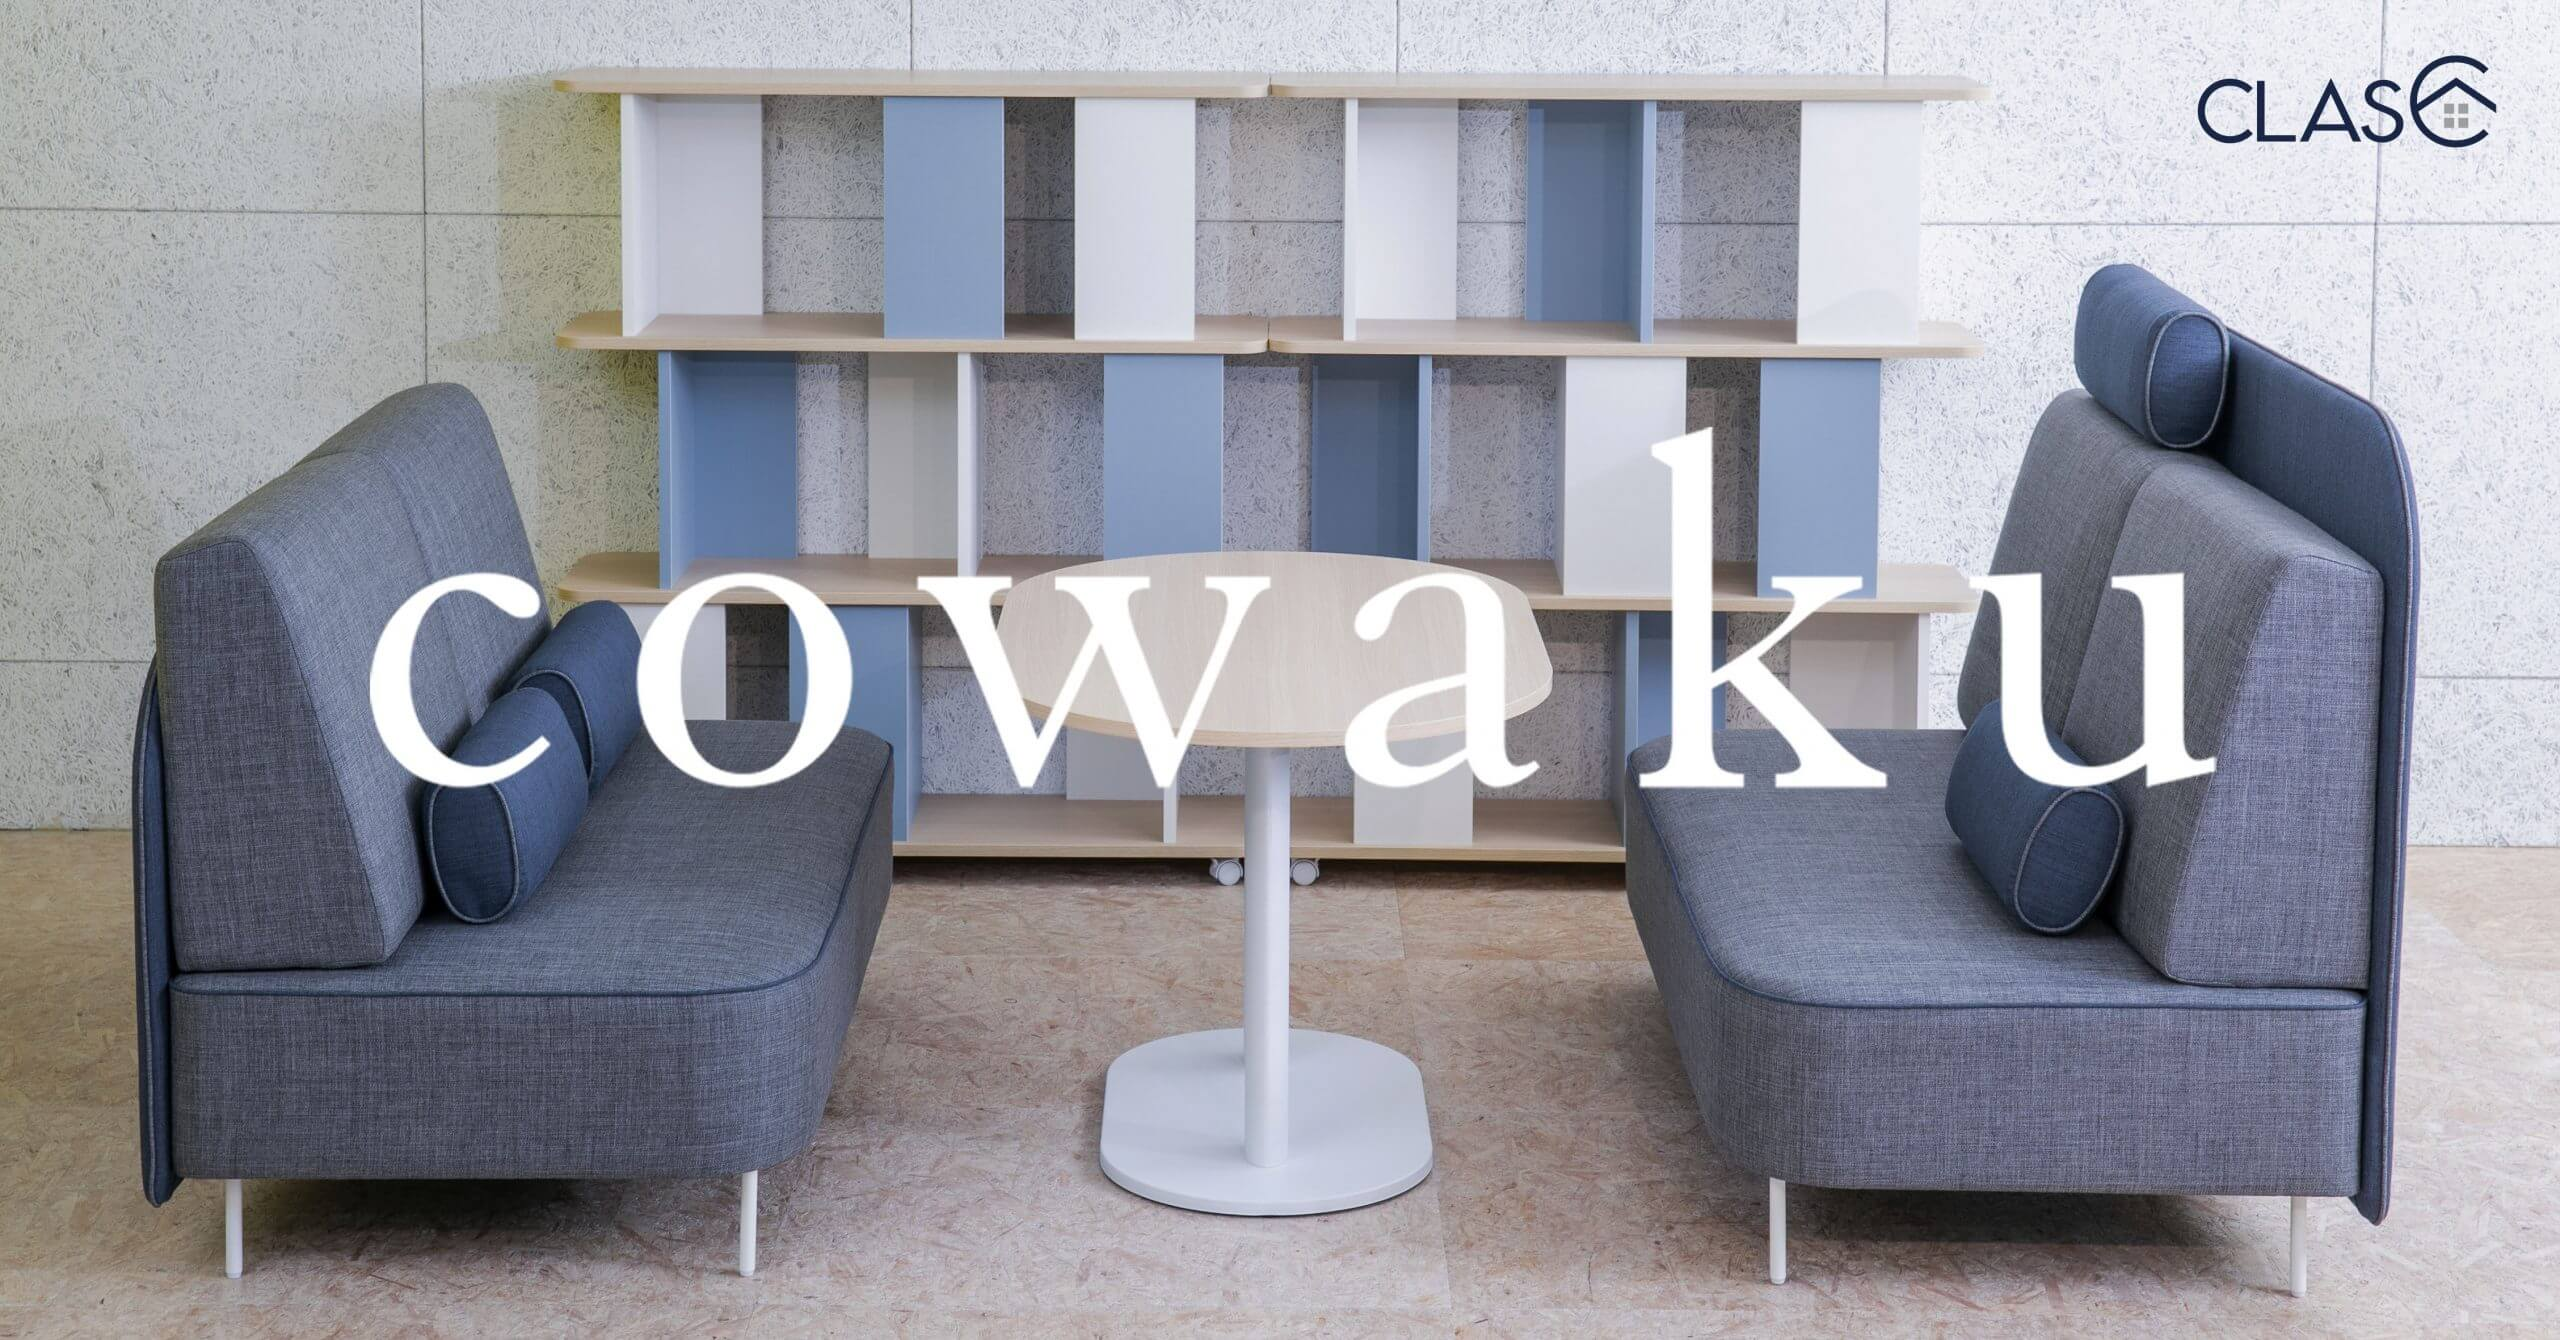 CLASのオフィス向けPB家具「cowaku(コワク)」